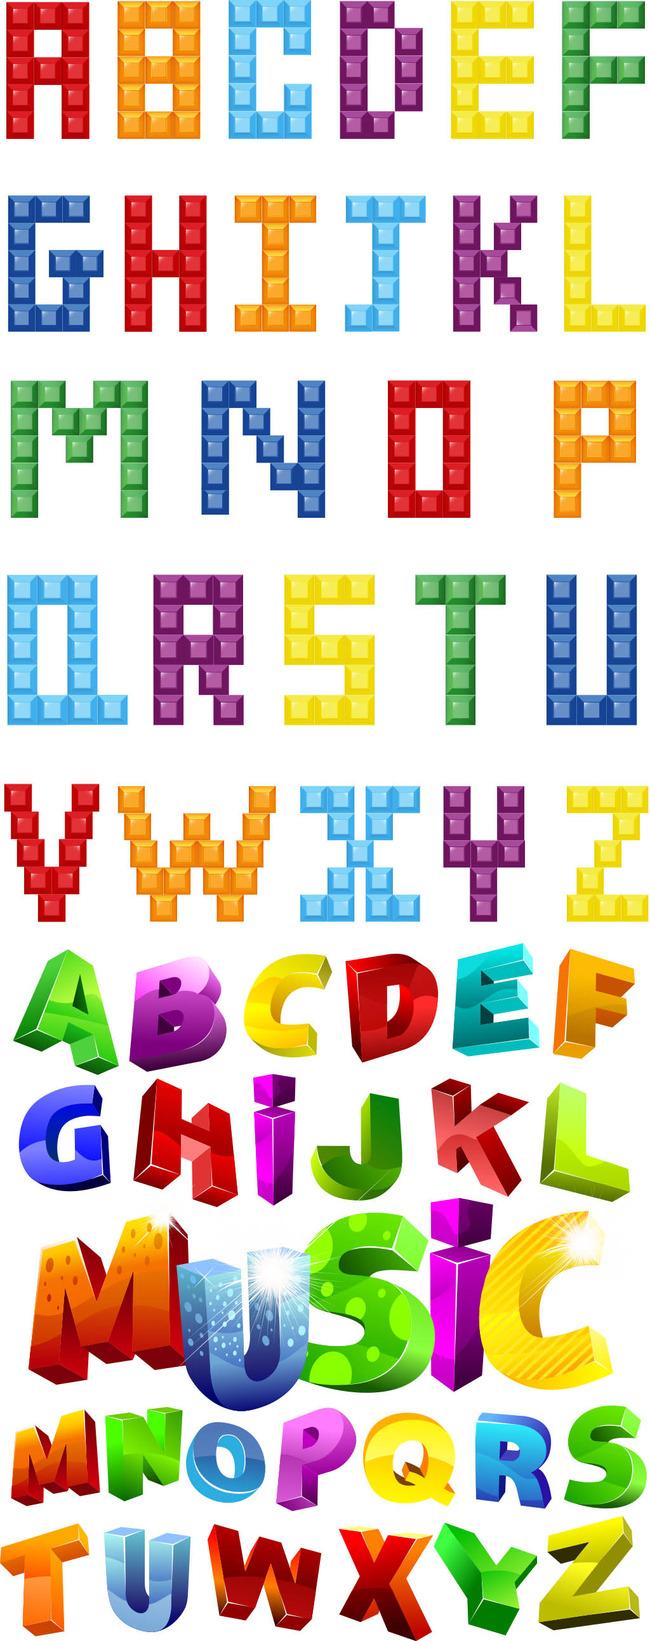 3d立体字母图标